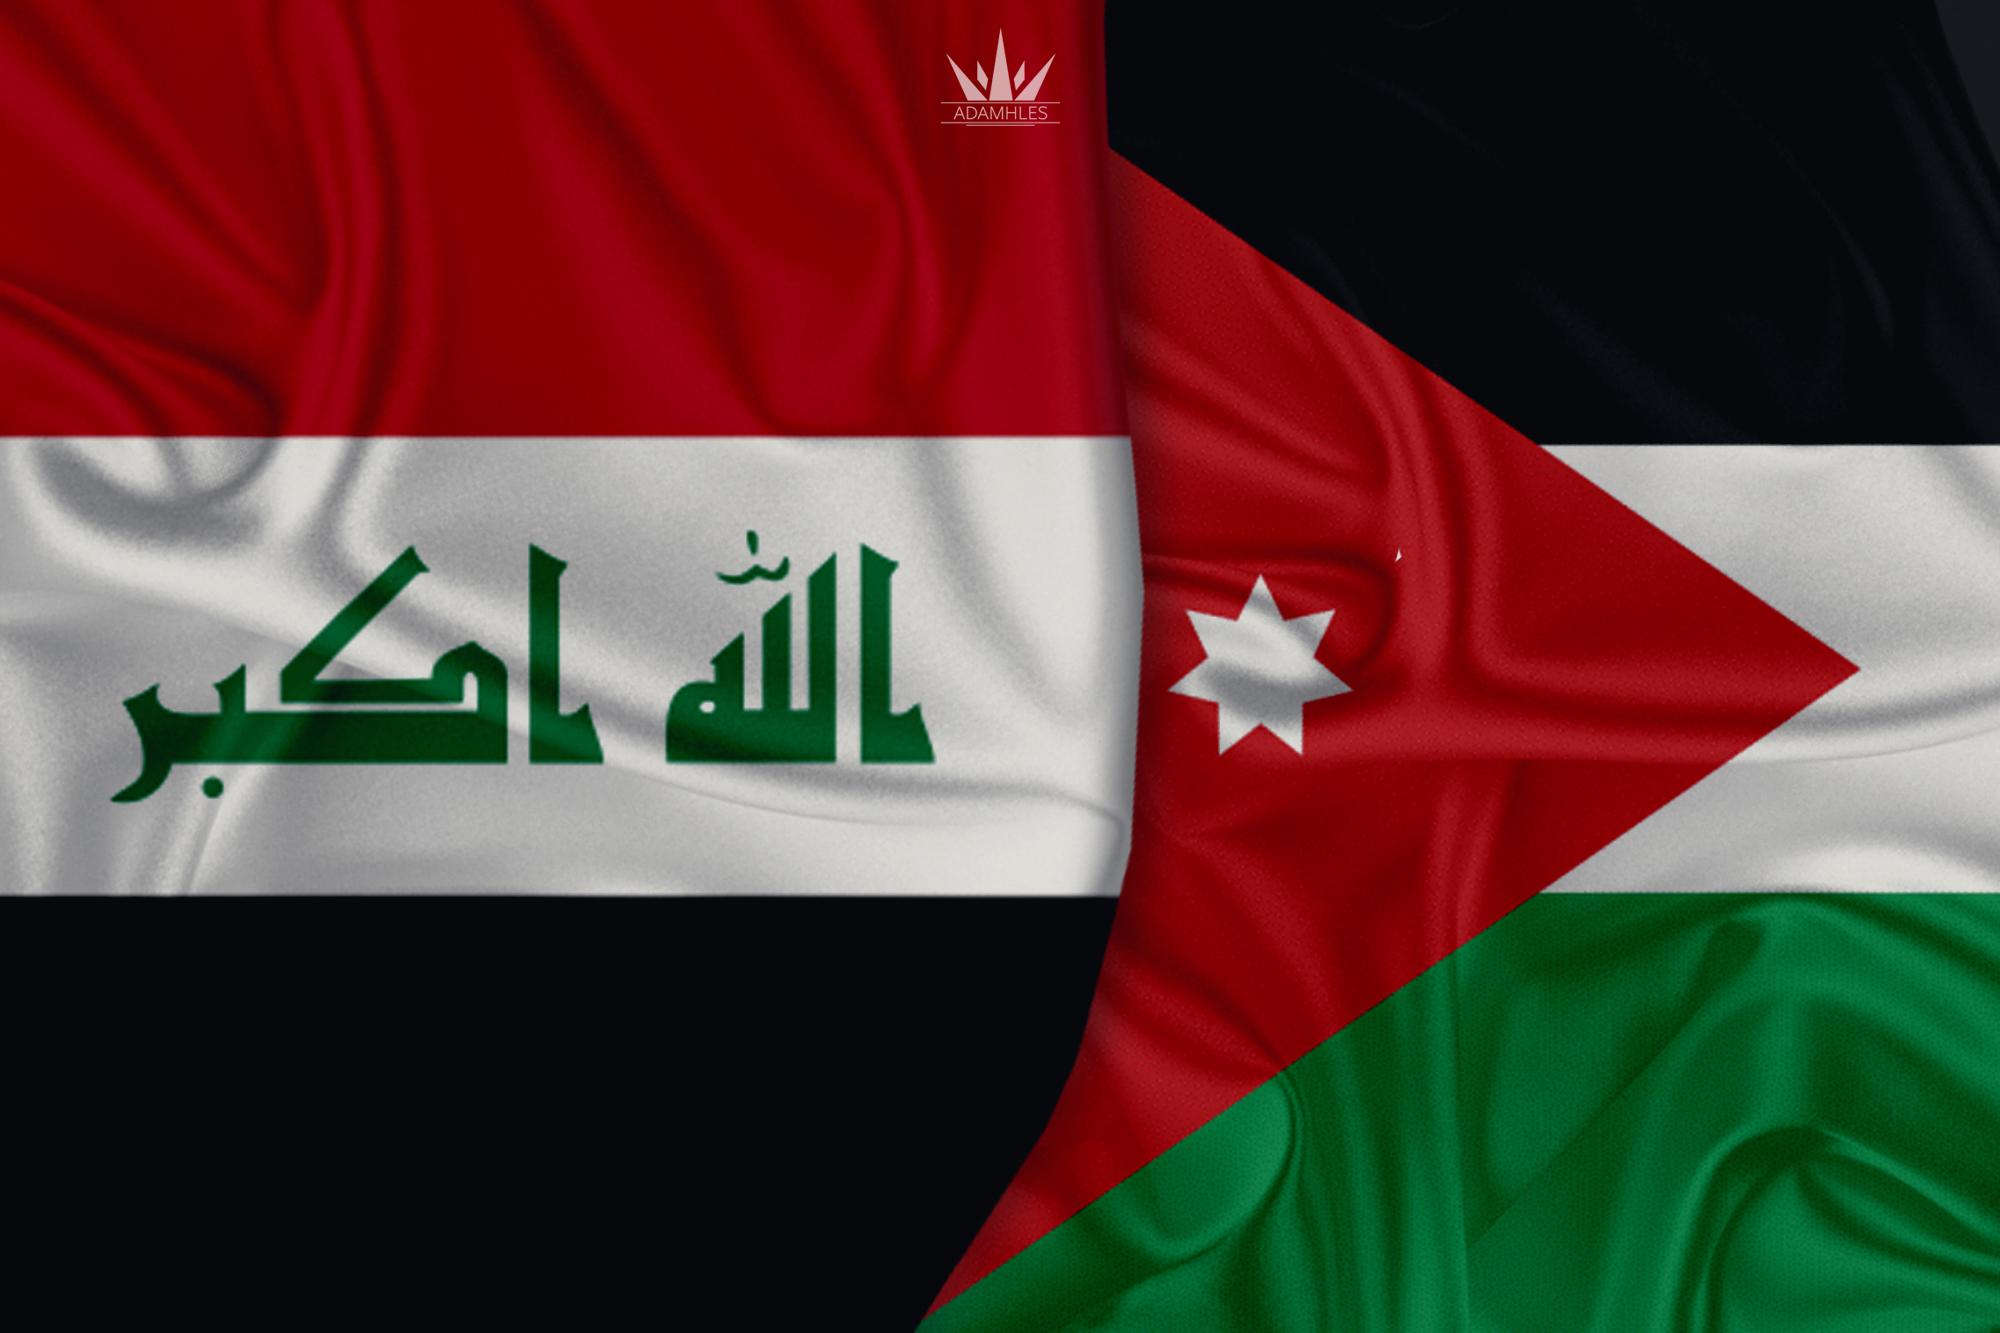 خلفية علم العراق والاردن اجمل خلفيات العلم العراقي والعلم الاردني Iraq and Jordan